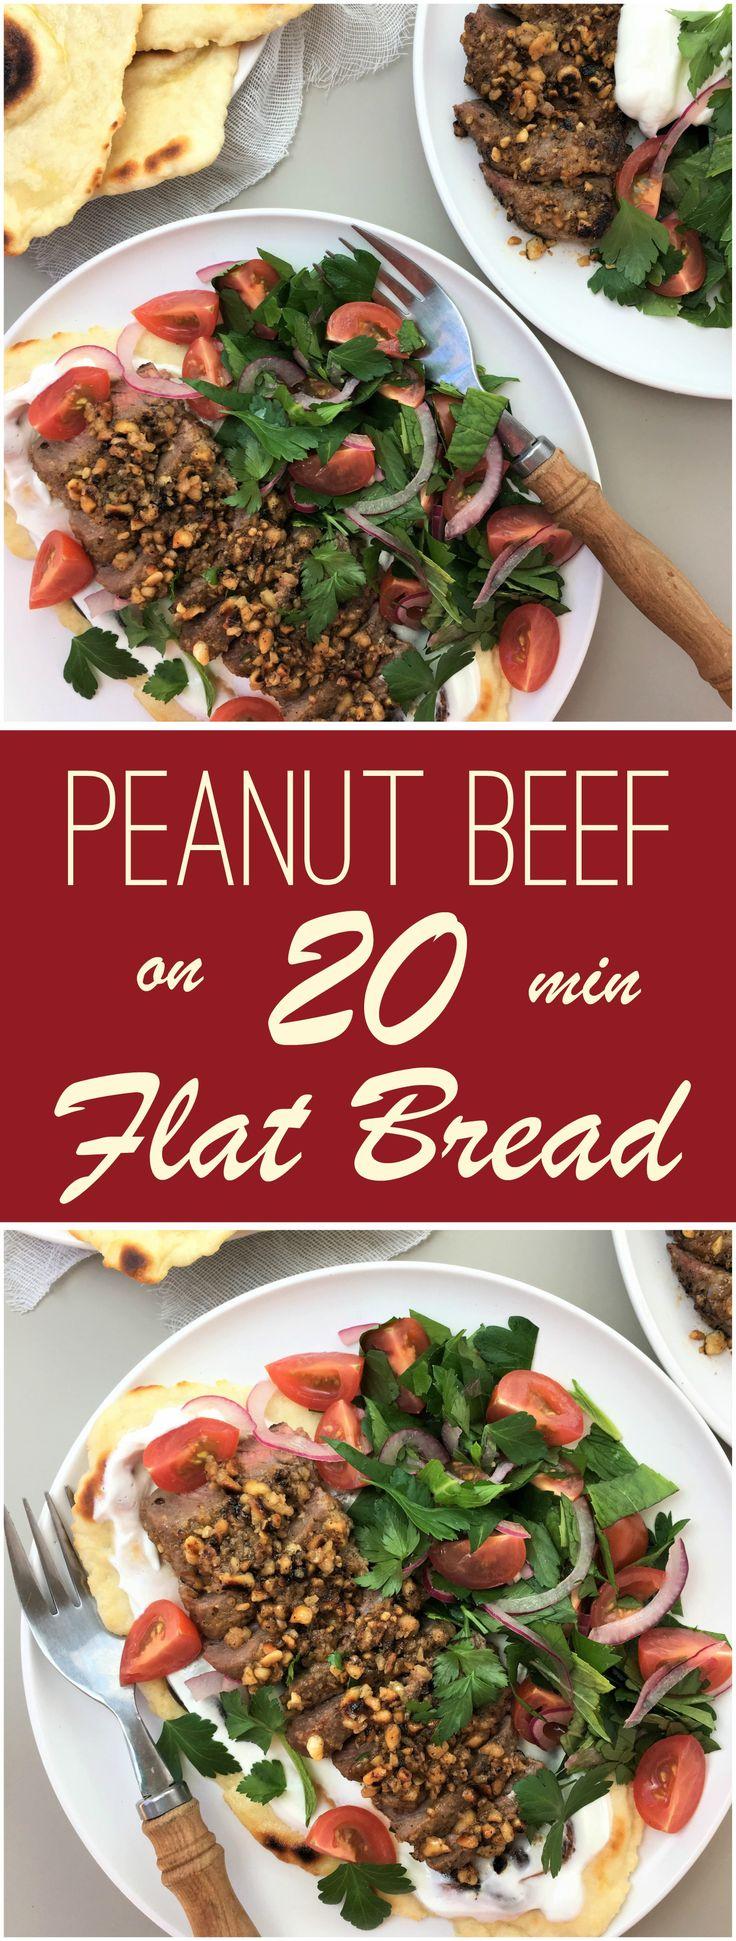 Peanut beef on 20 minute flatbread   no yeast   steak  